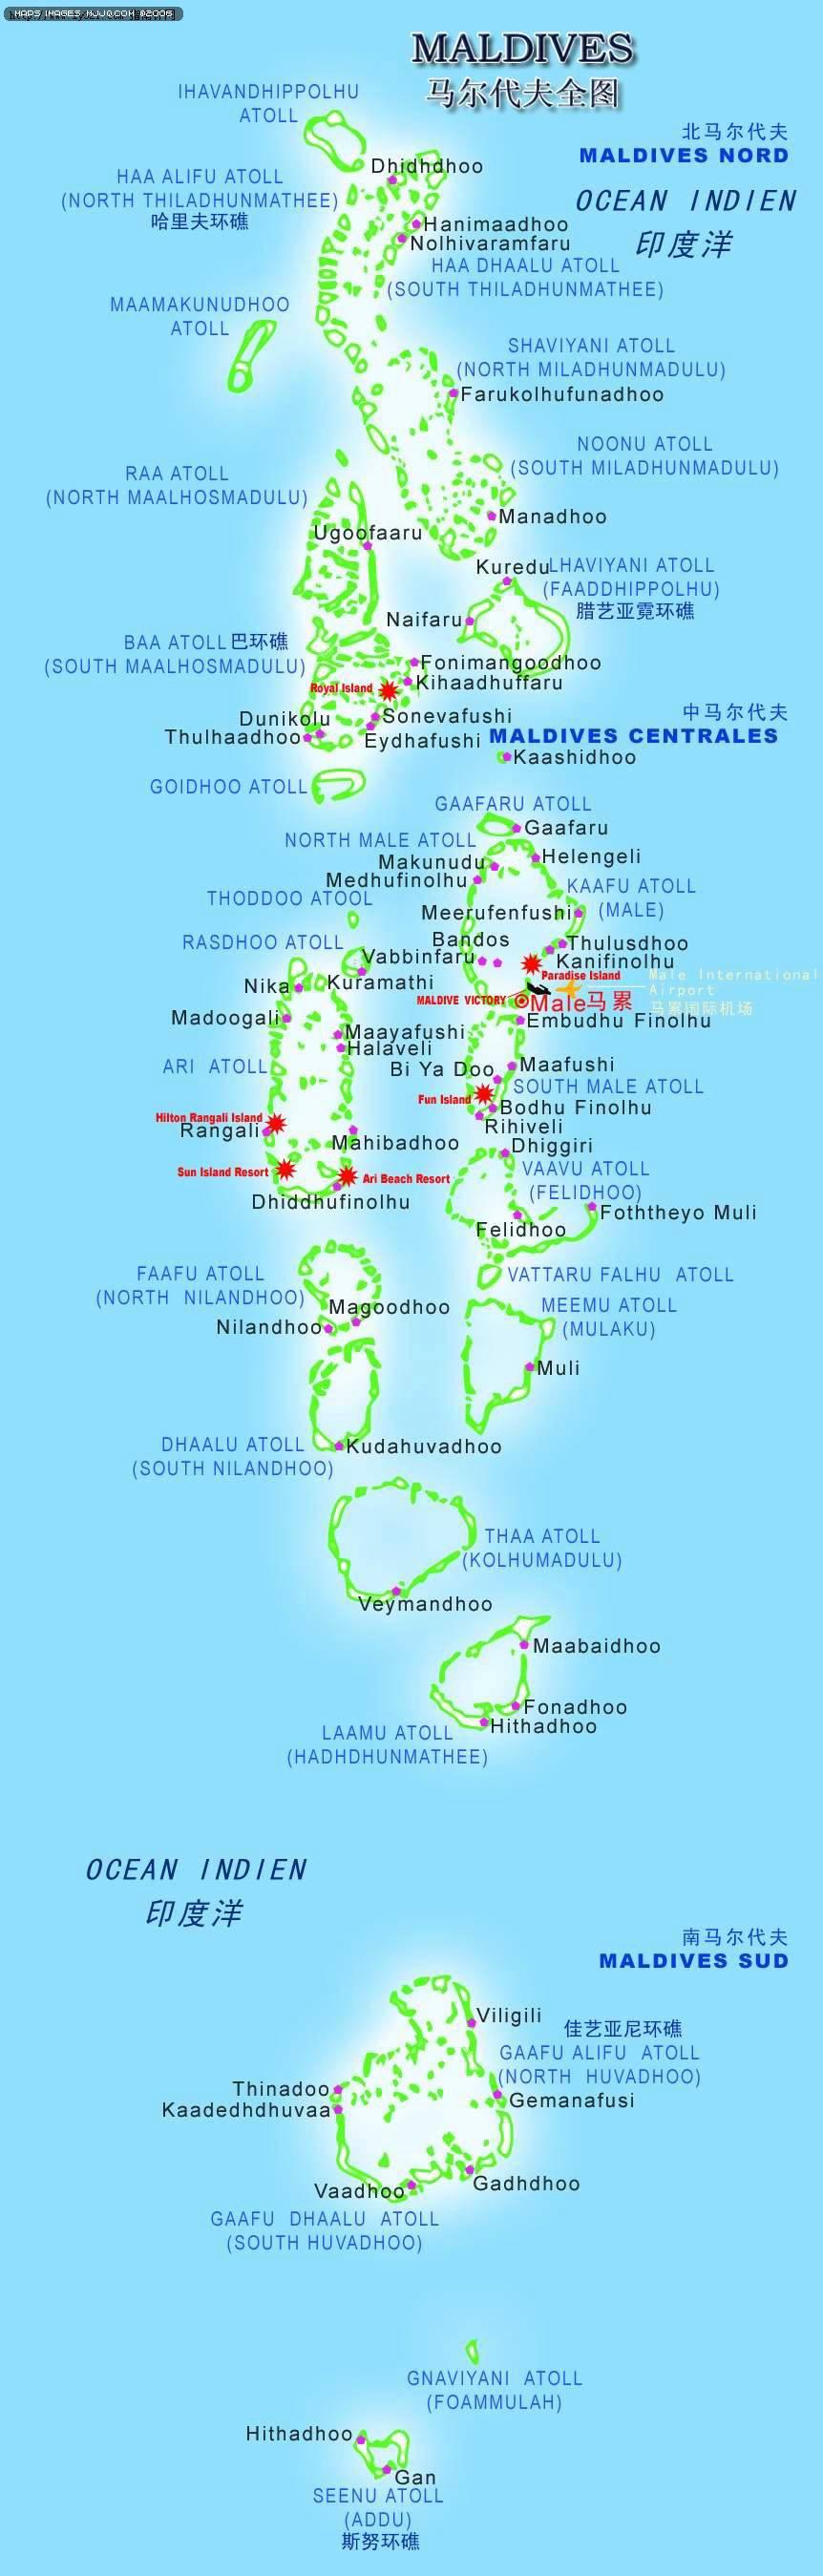 马尔代夫地图英文版